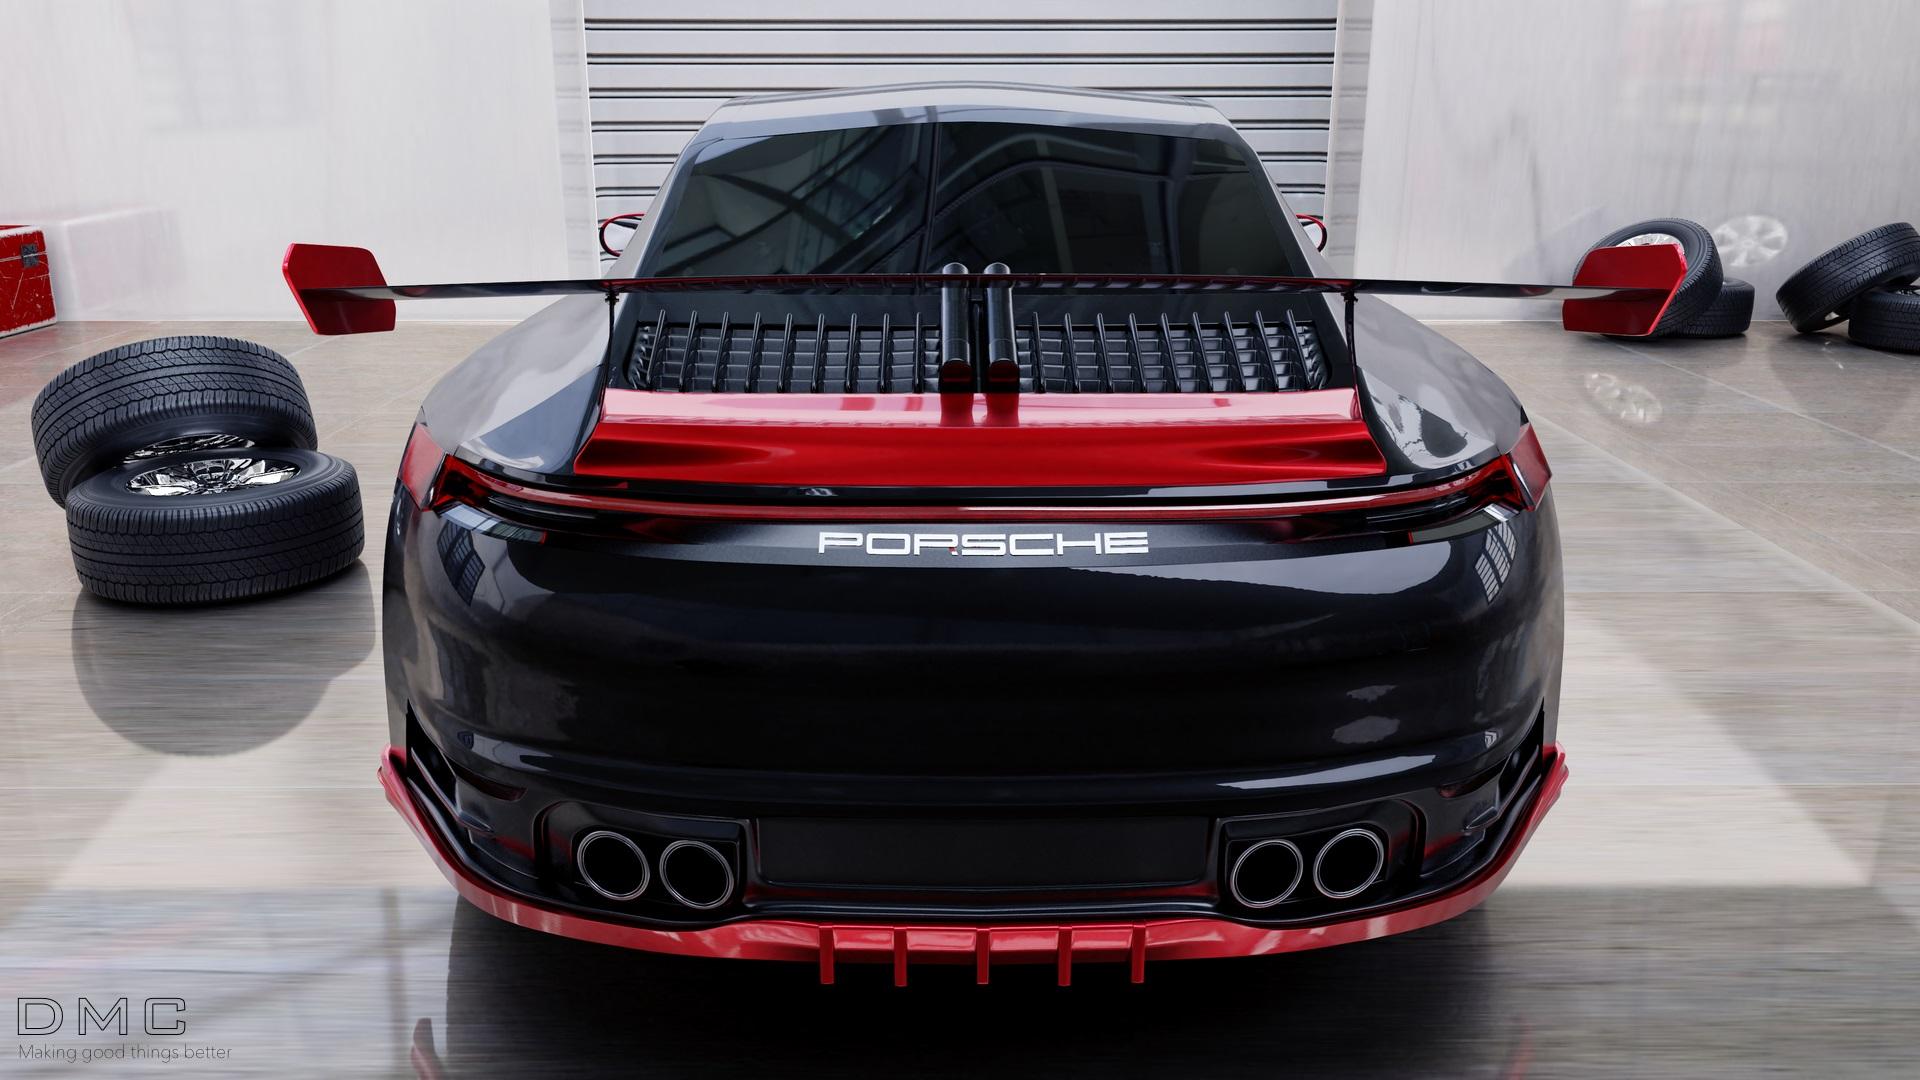 Porsche_992_05